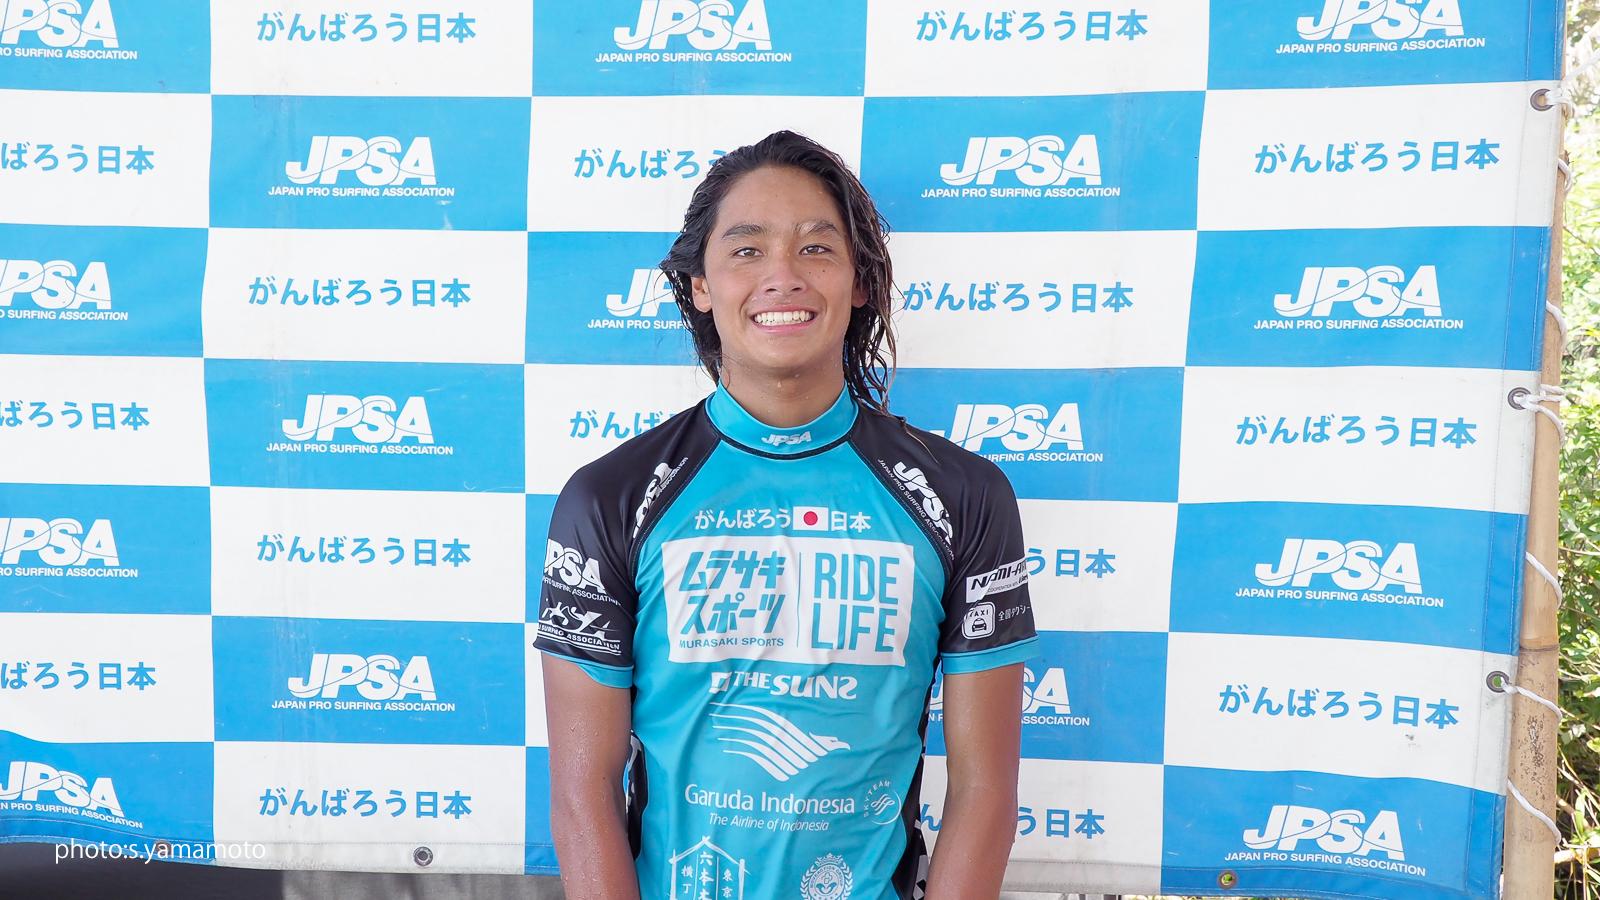 soma hirahara-4121765